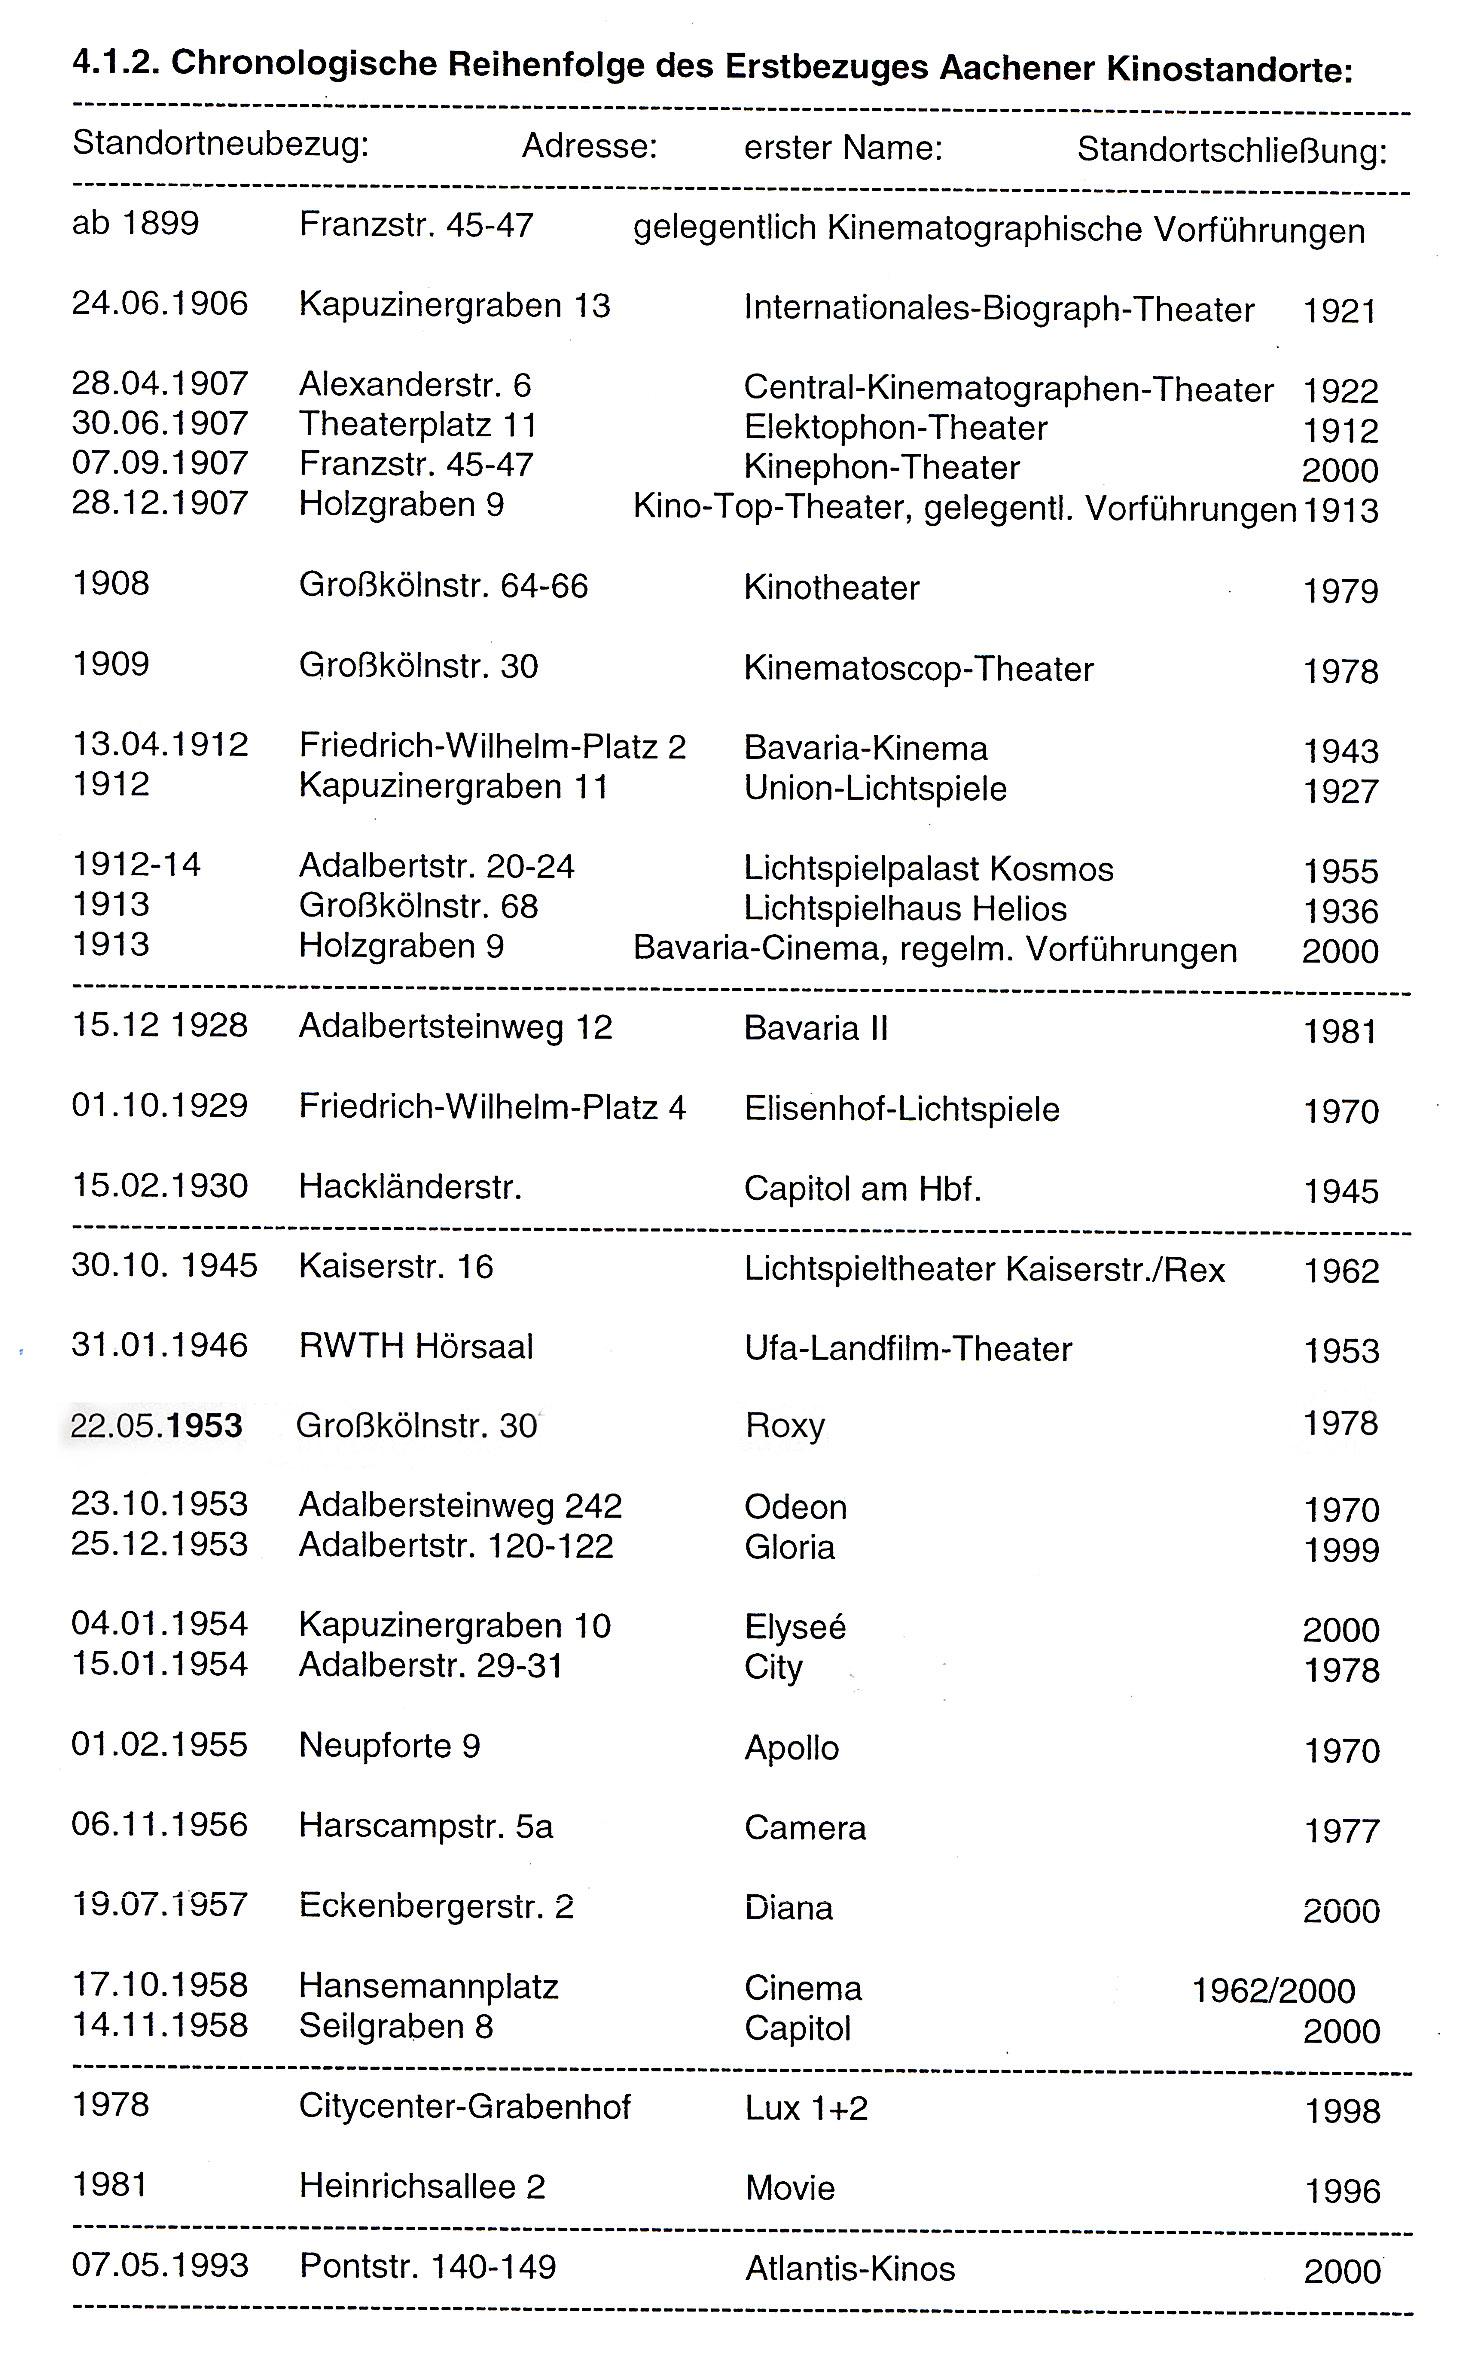 Chronologische Reihenfolge